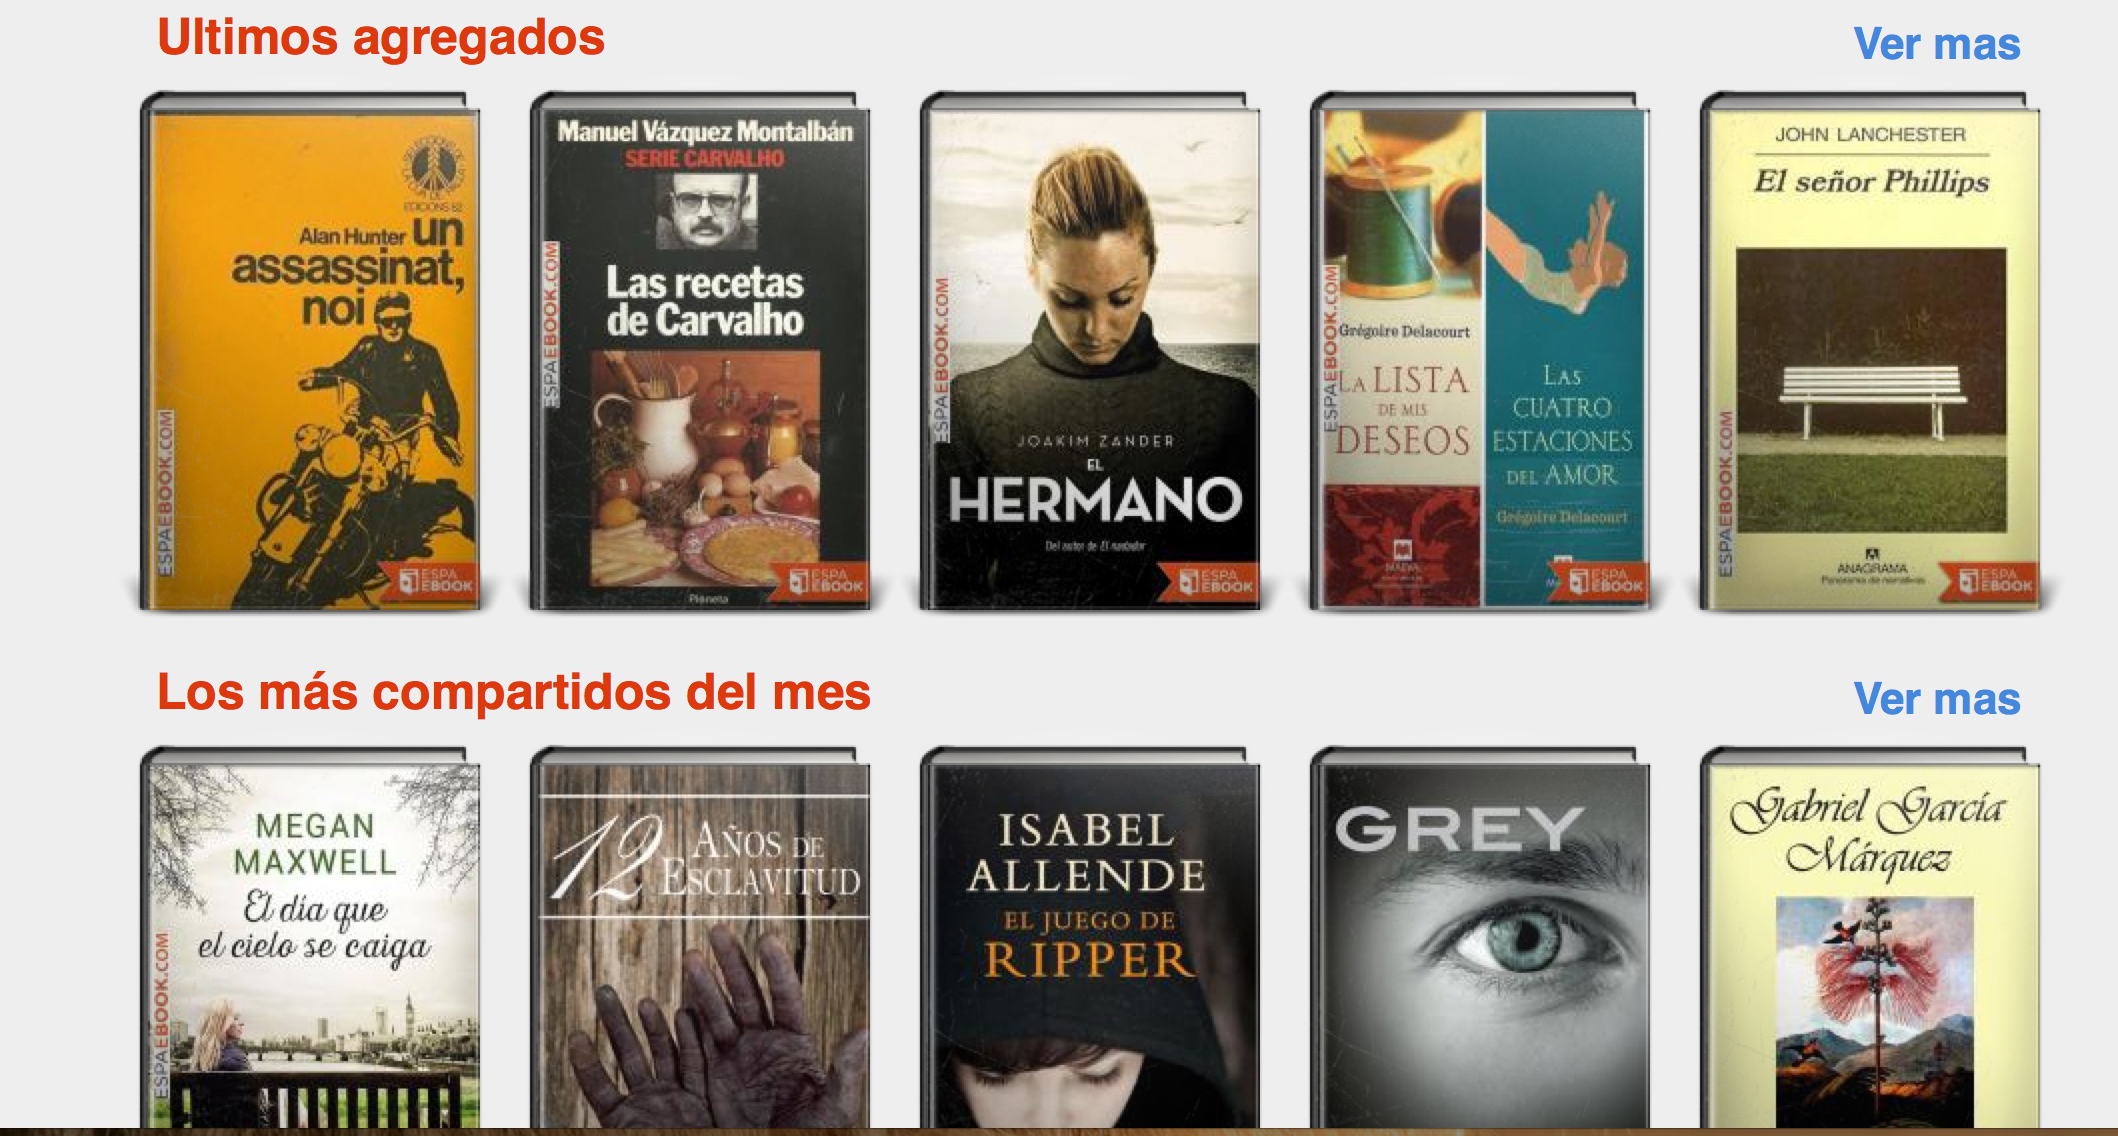 Hermed et billede med nogle af de e-books, du kan downloade fra ESPA E-BOOK. Her et lille udpluk med forfattere som Isabel Allende og Gabriel García Márquez.